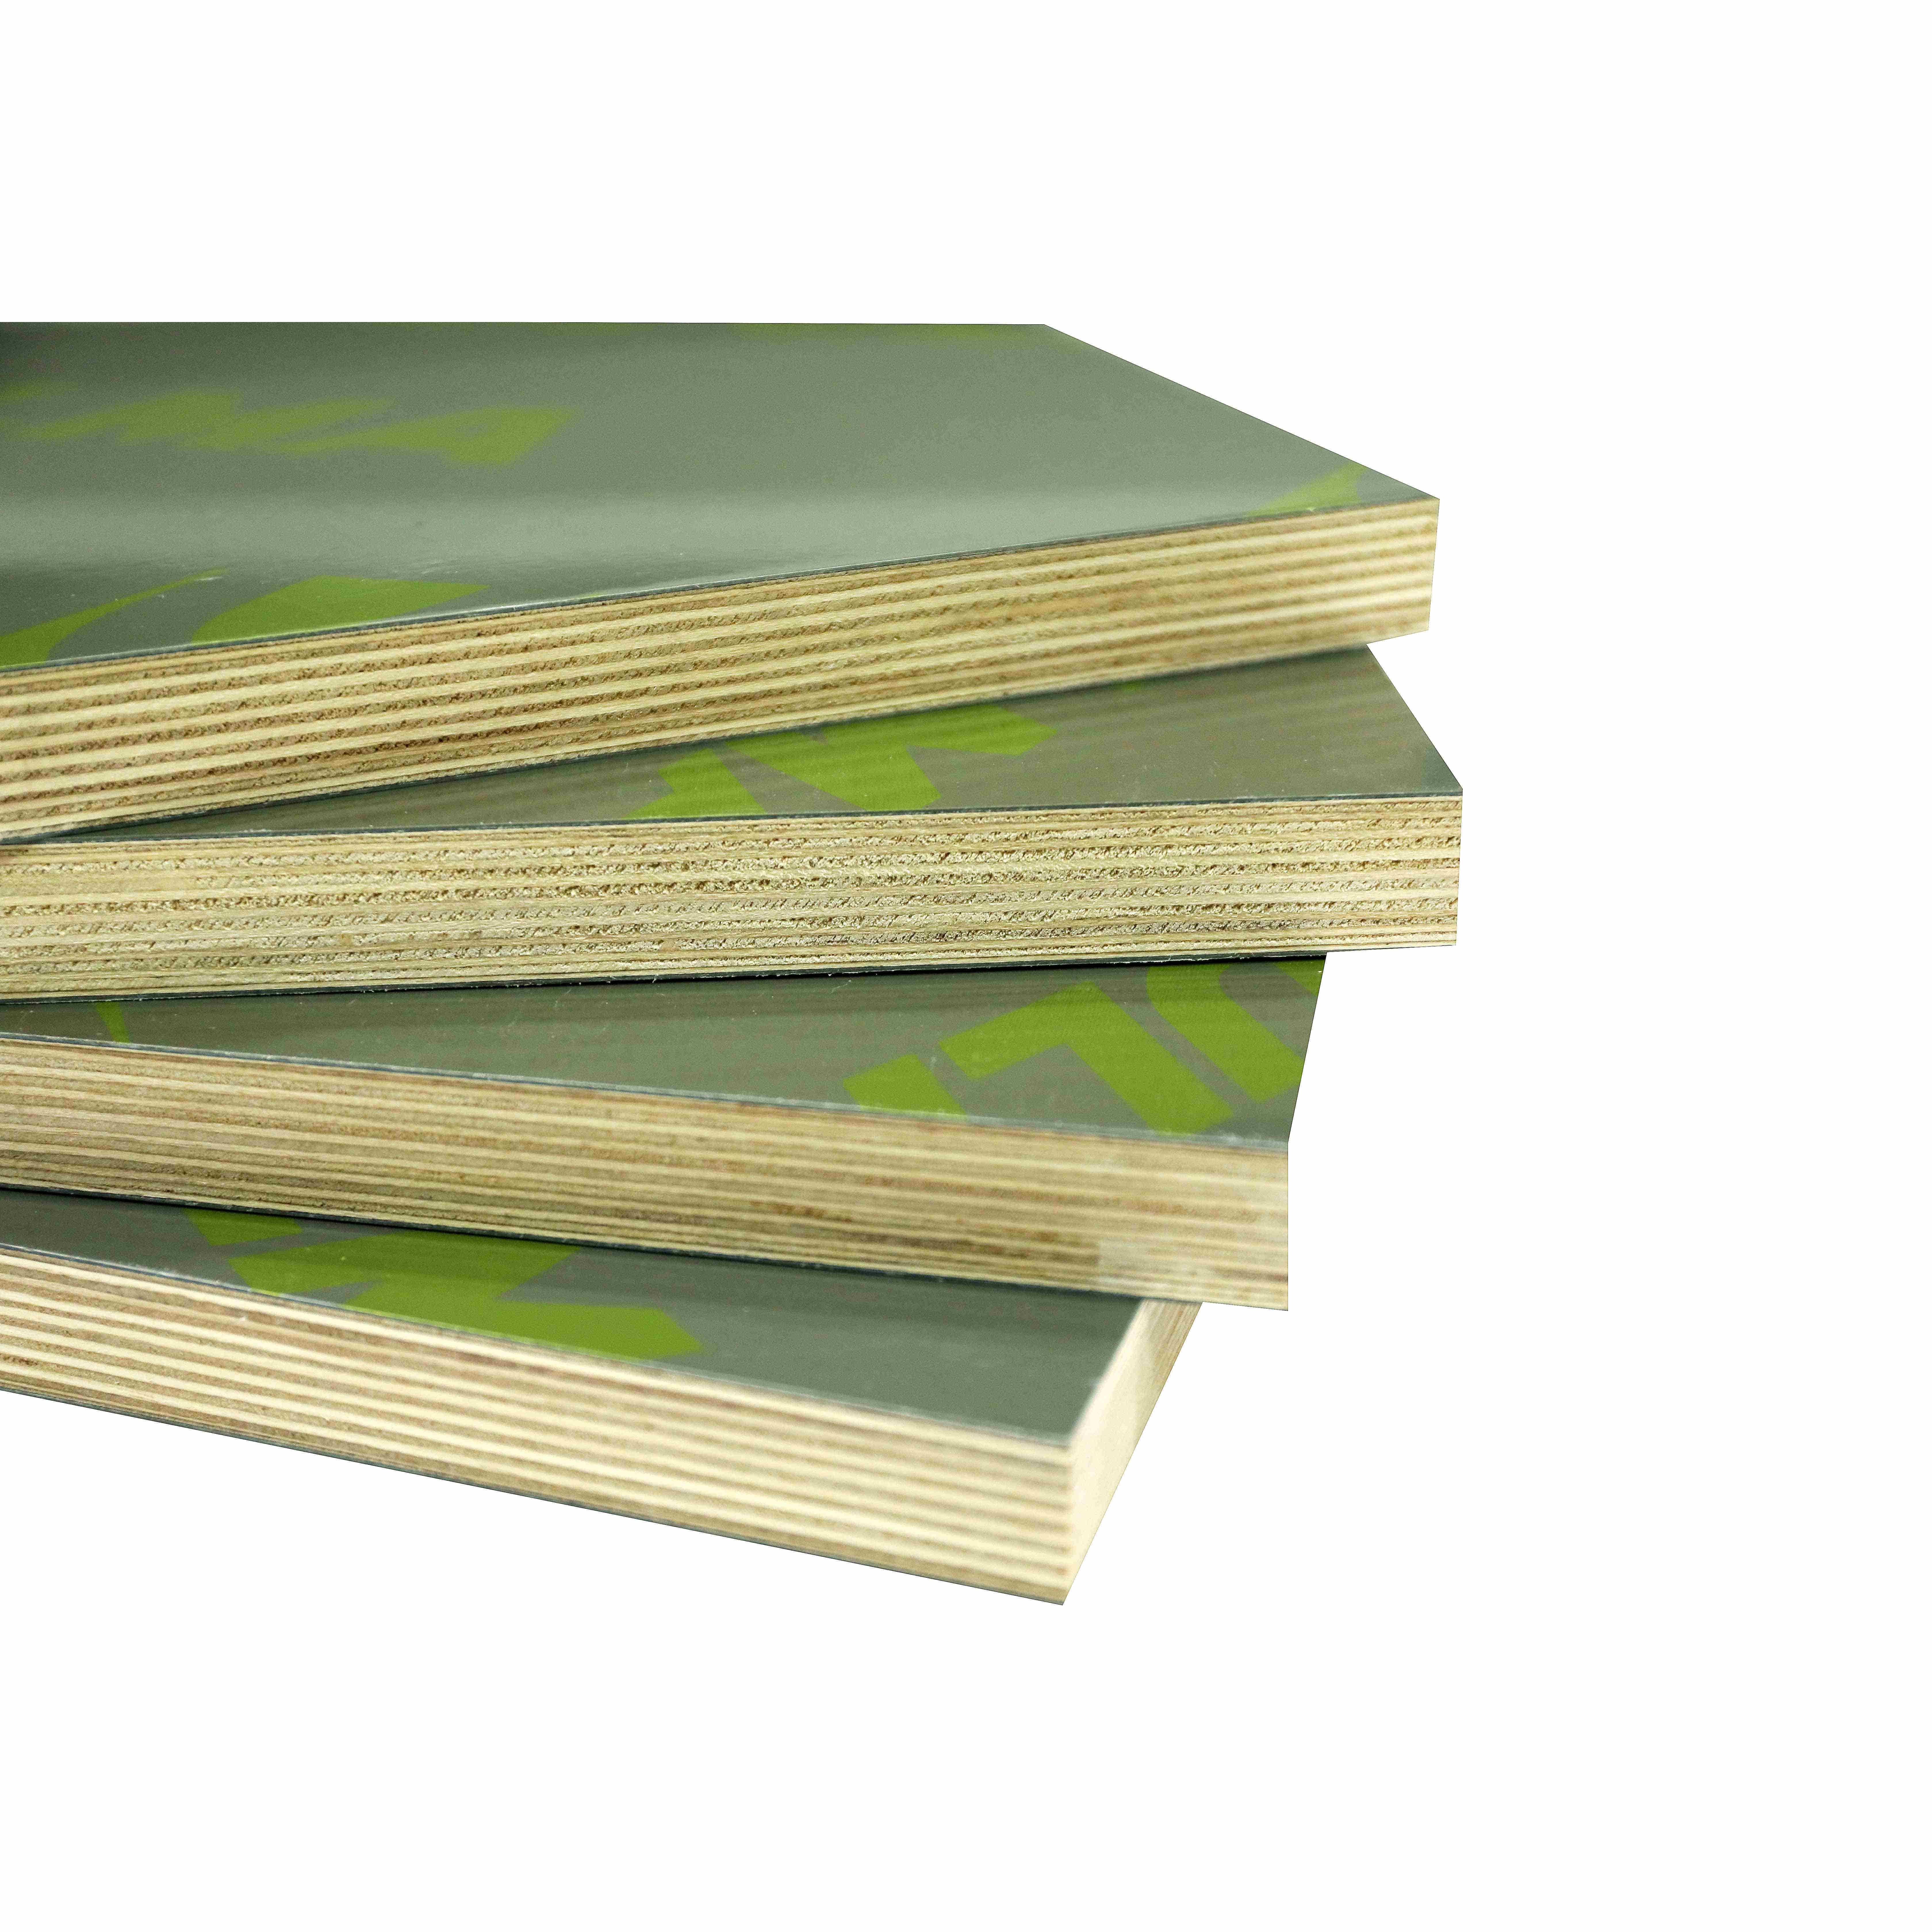 12 Mm Film Tahan Air Berwajah Harga Kayu Lapis Buy 12mm Kayu Lapis Film Faced Plywood Kayu Lapis Tahan Air Harga Product On Alibaba Com Harga plywood tahan air